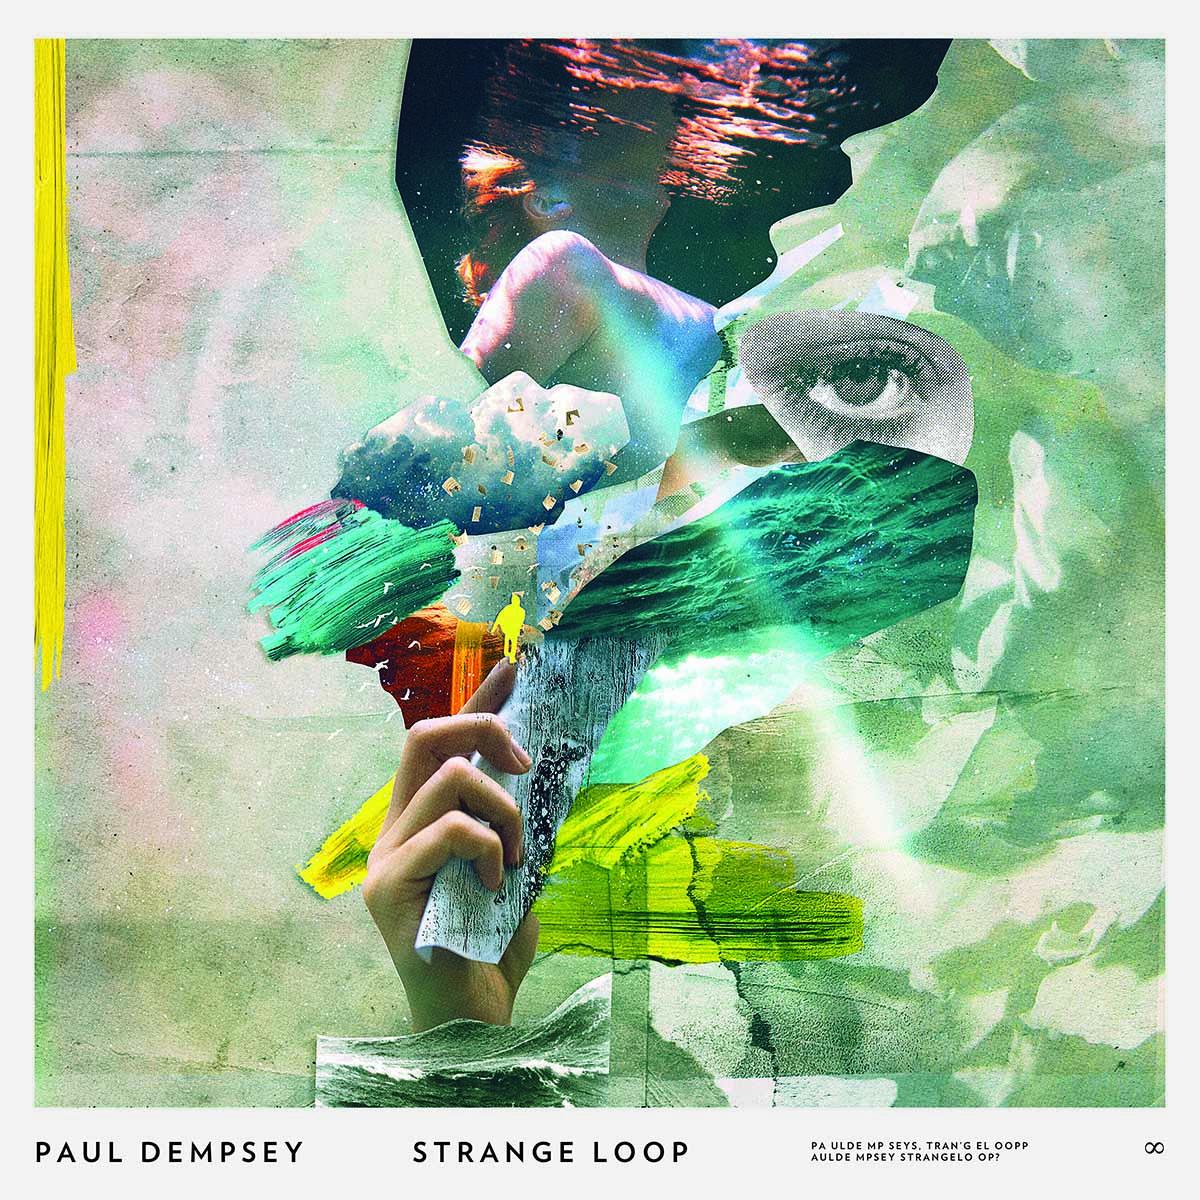 strange-loop-cover-1mb.jpg